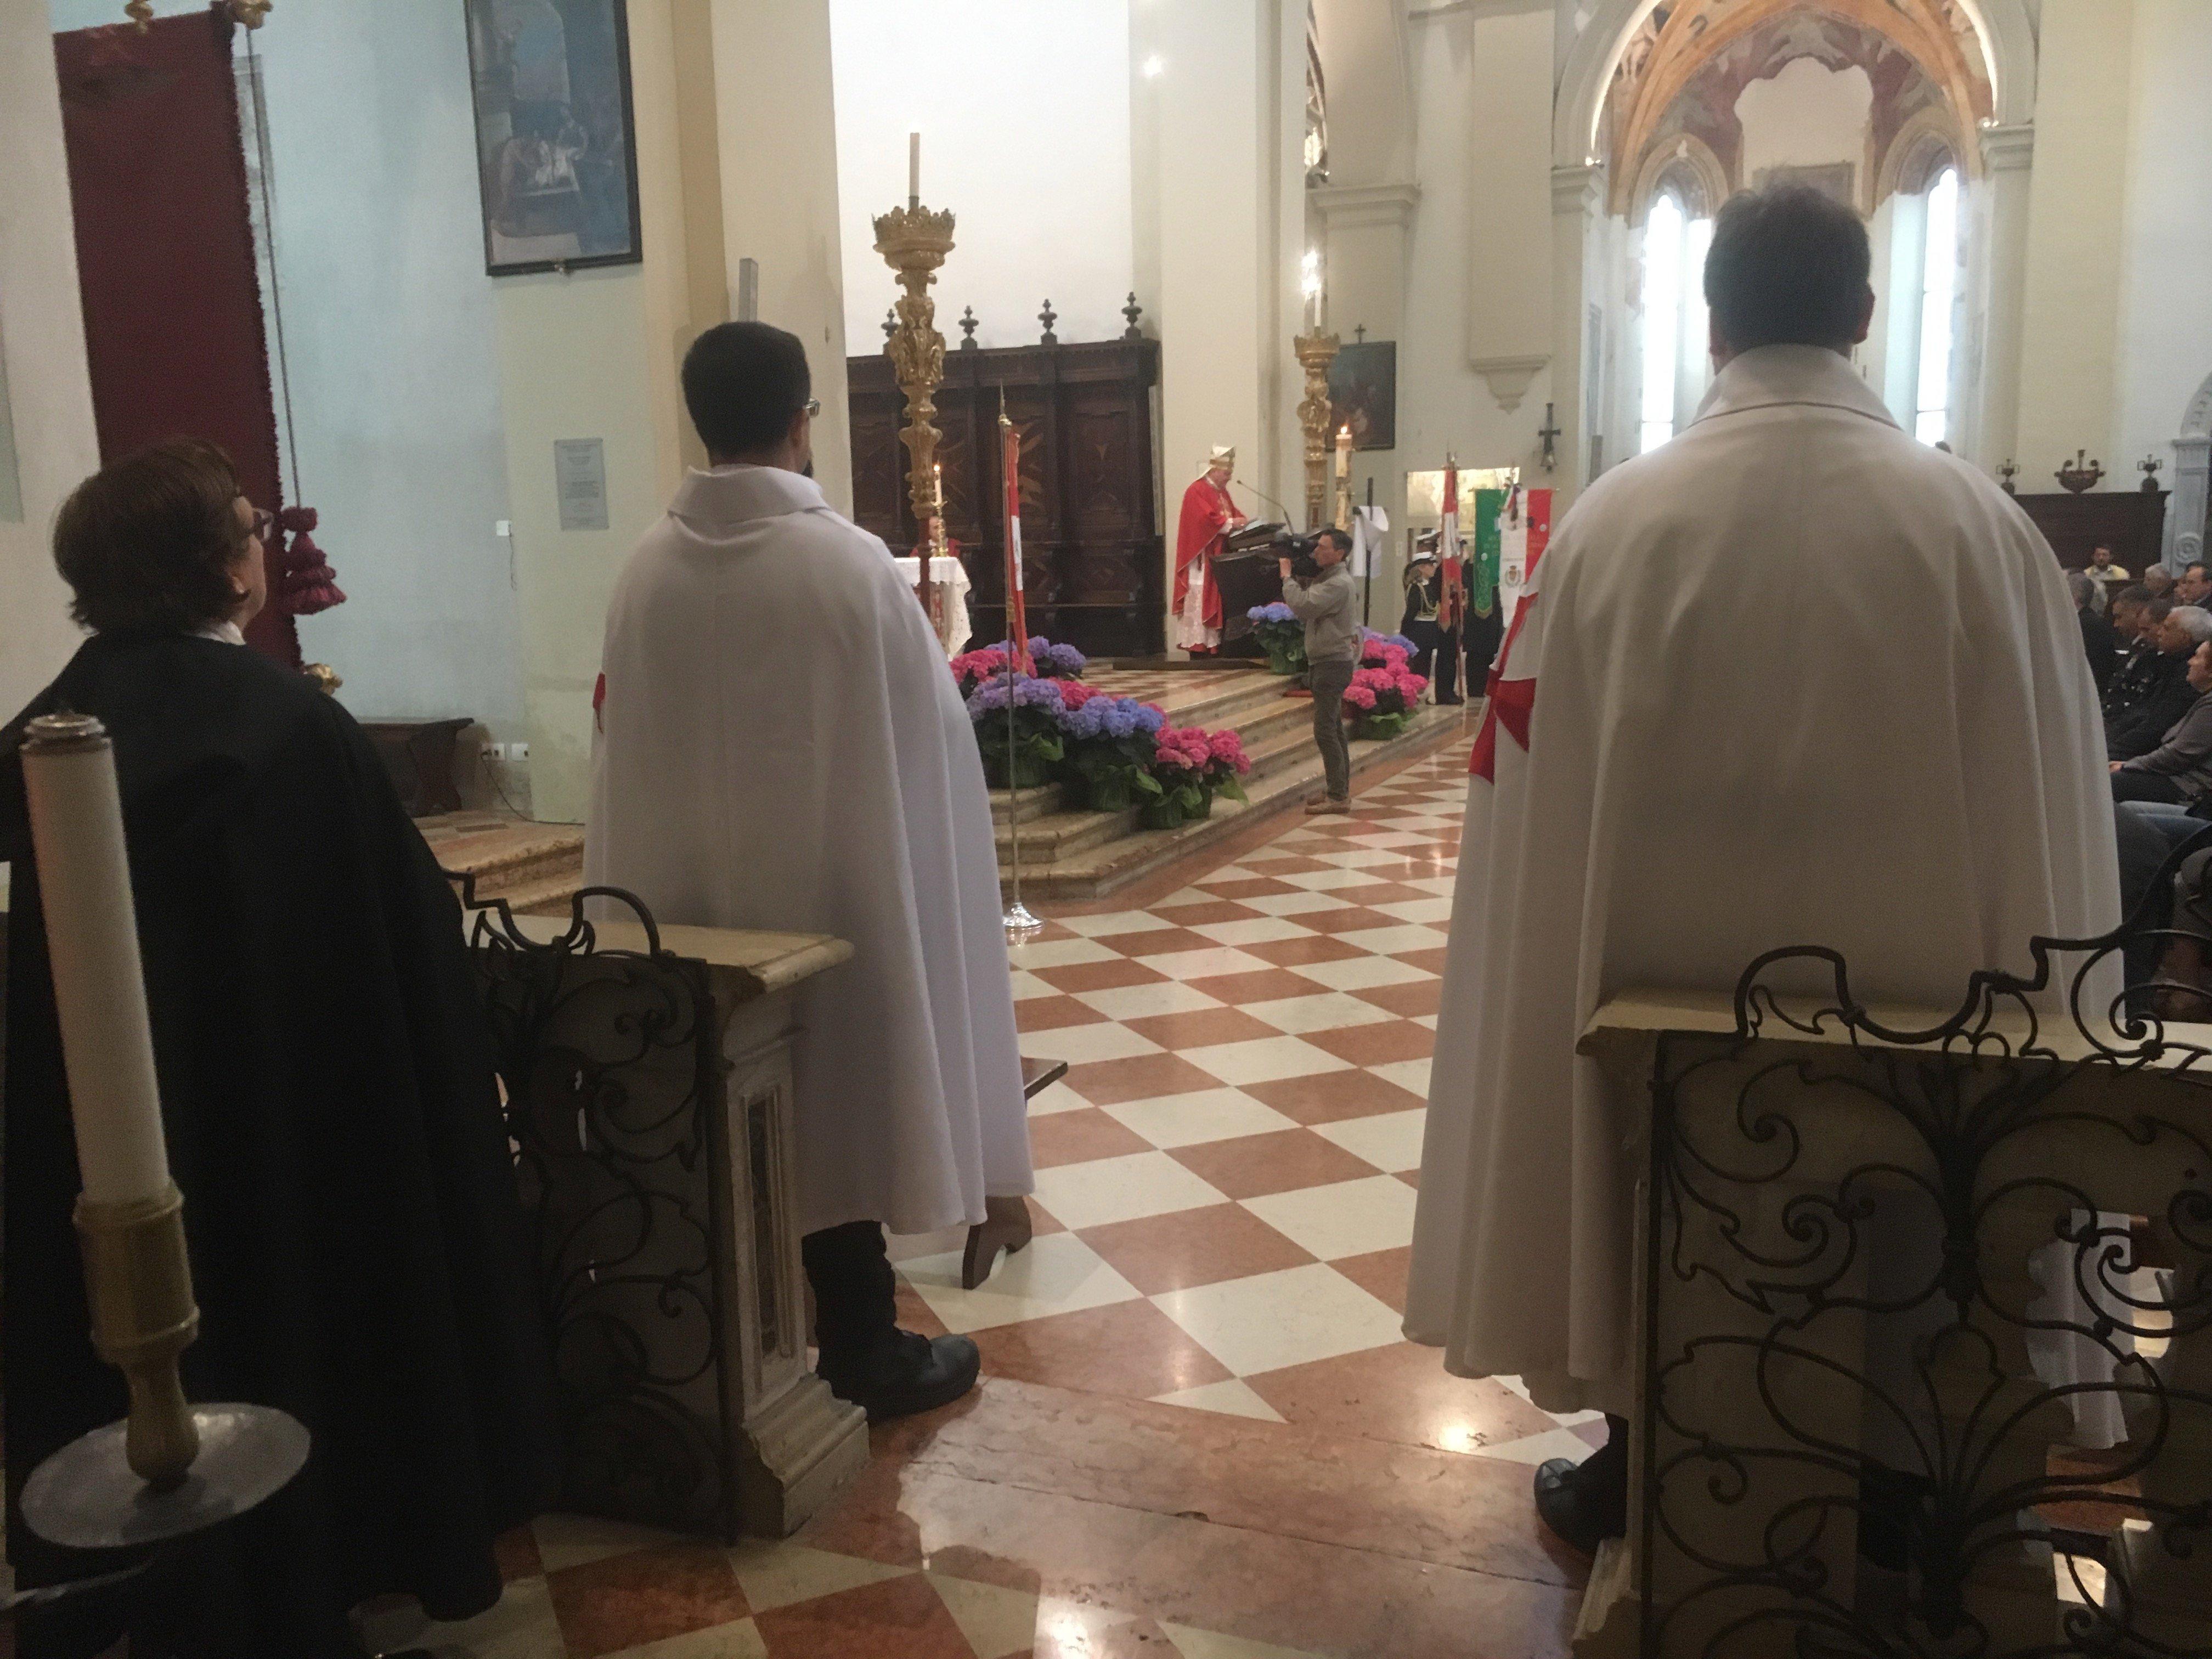 I Templari Cattolici d'Italia prestano servizio in occasione del Santo Patrono San Marco a Pordenone, al Pontificale del Vescovo.